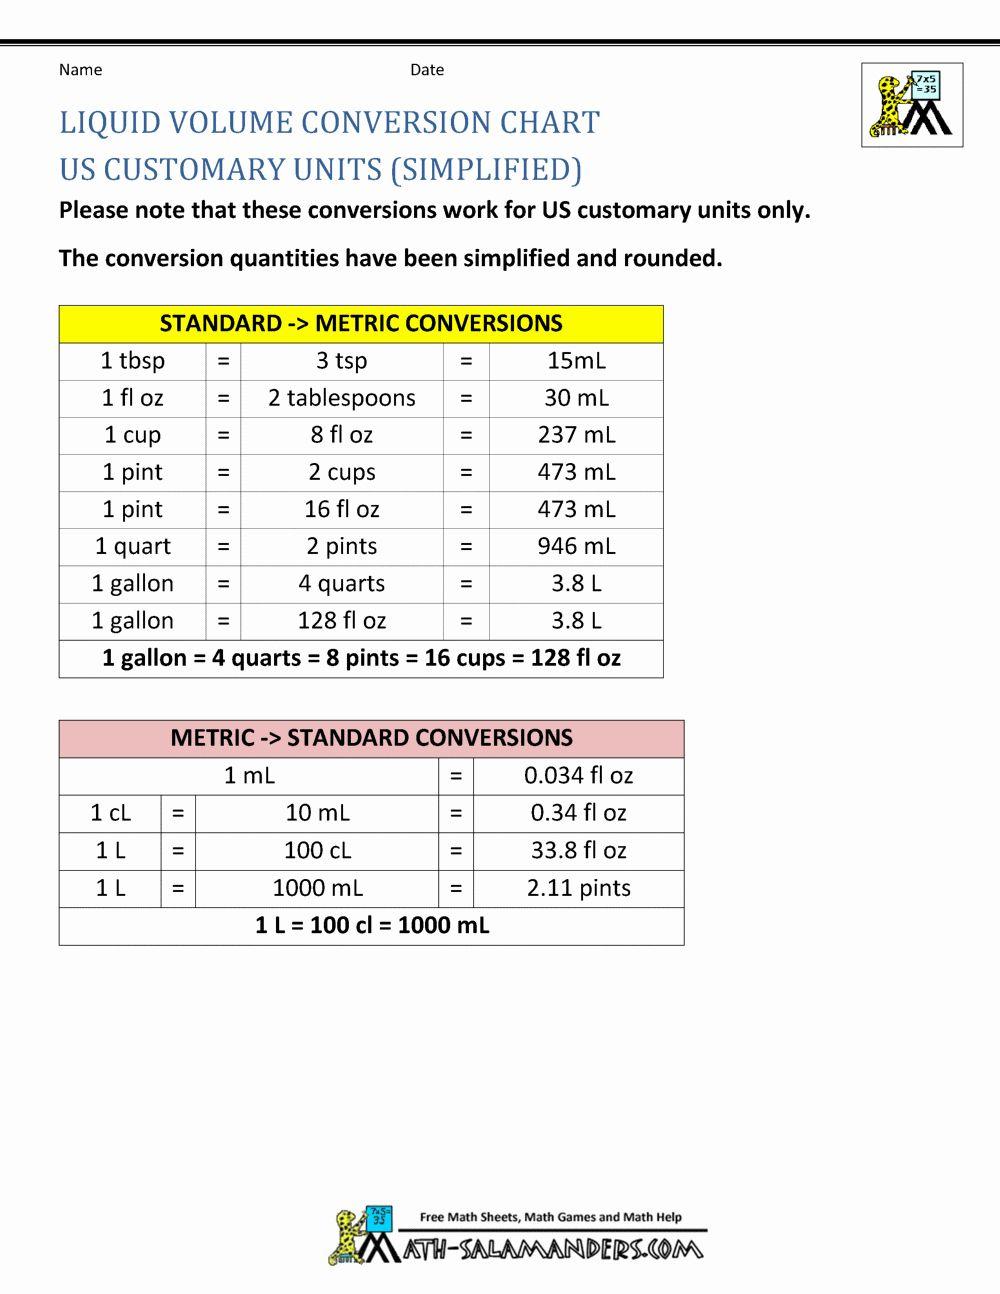 Liquid Measurement Conversion Chart New Liquid Measurement Chart In 2020 Measurement Conversion Chart Liquid Measurement Conversion Measurement Conversions